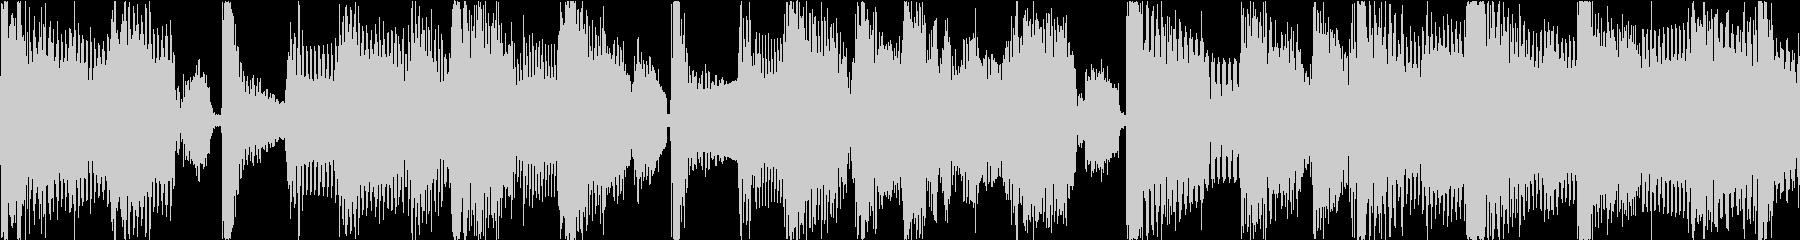 レゲエと盆踊りのコミカルBGMの未再生の波形